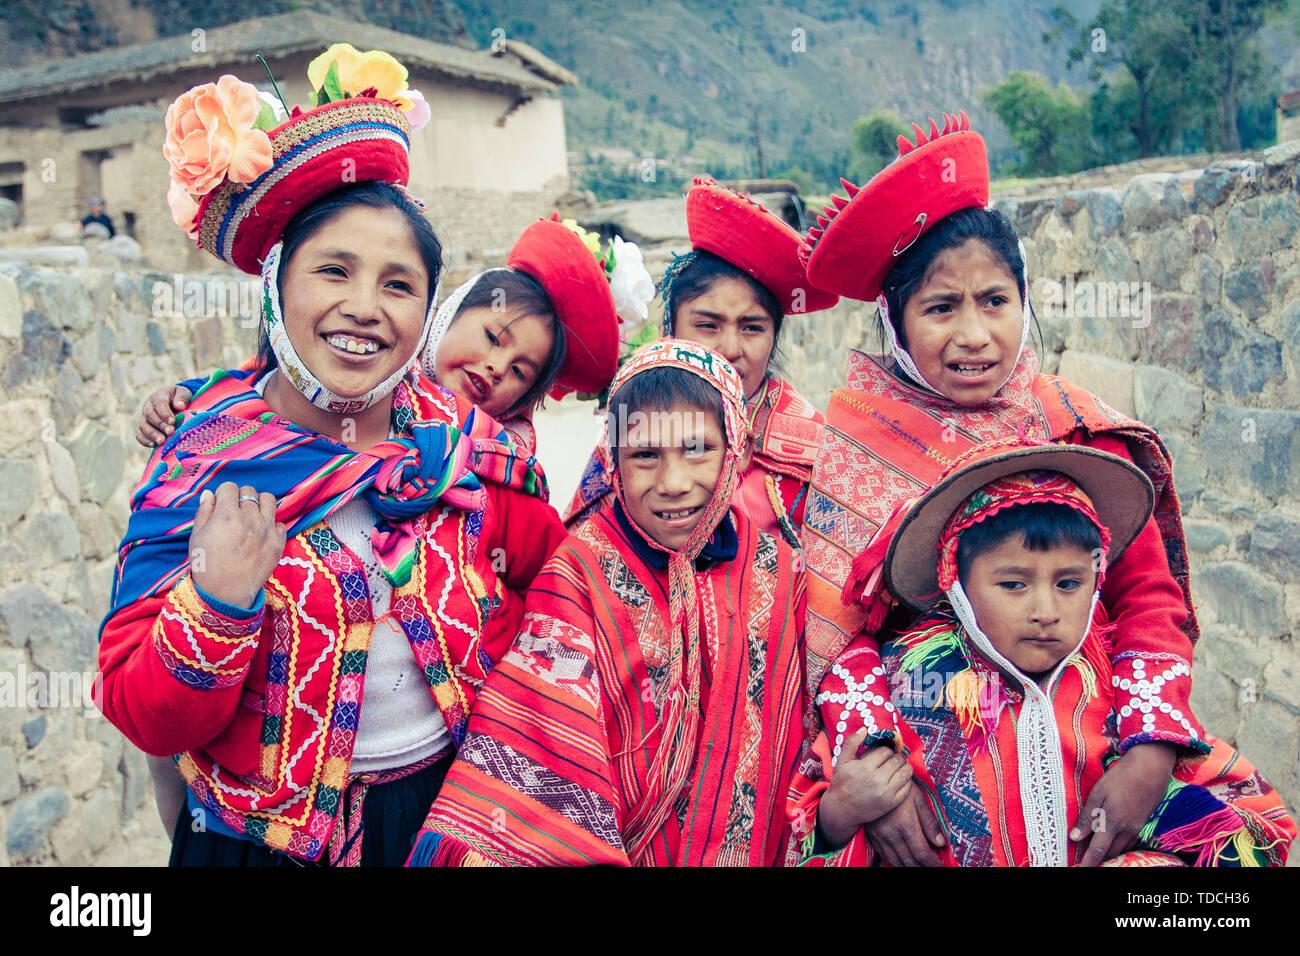 043343794 Trajes Peruanos Imágenes De Stock & Trajes Peruanos Fotos De Stock ...